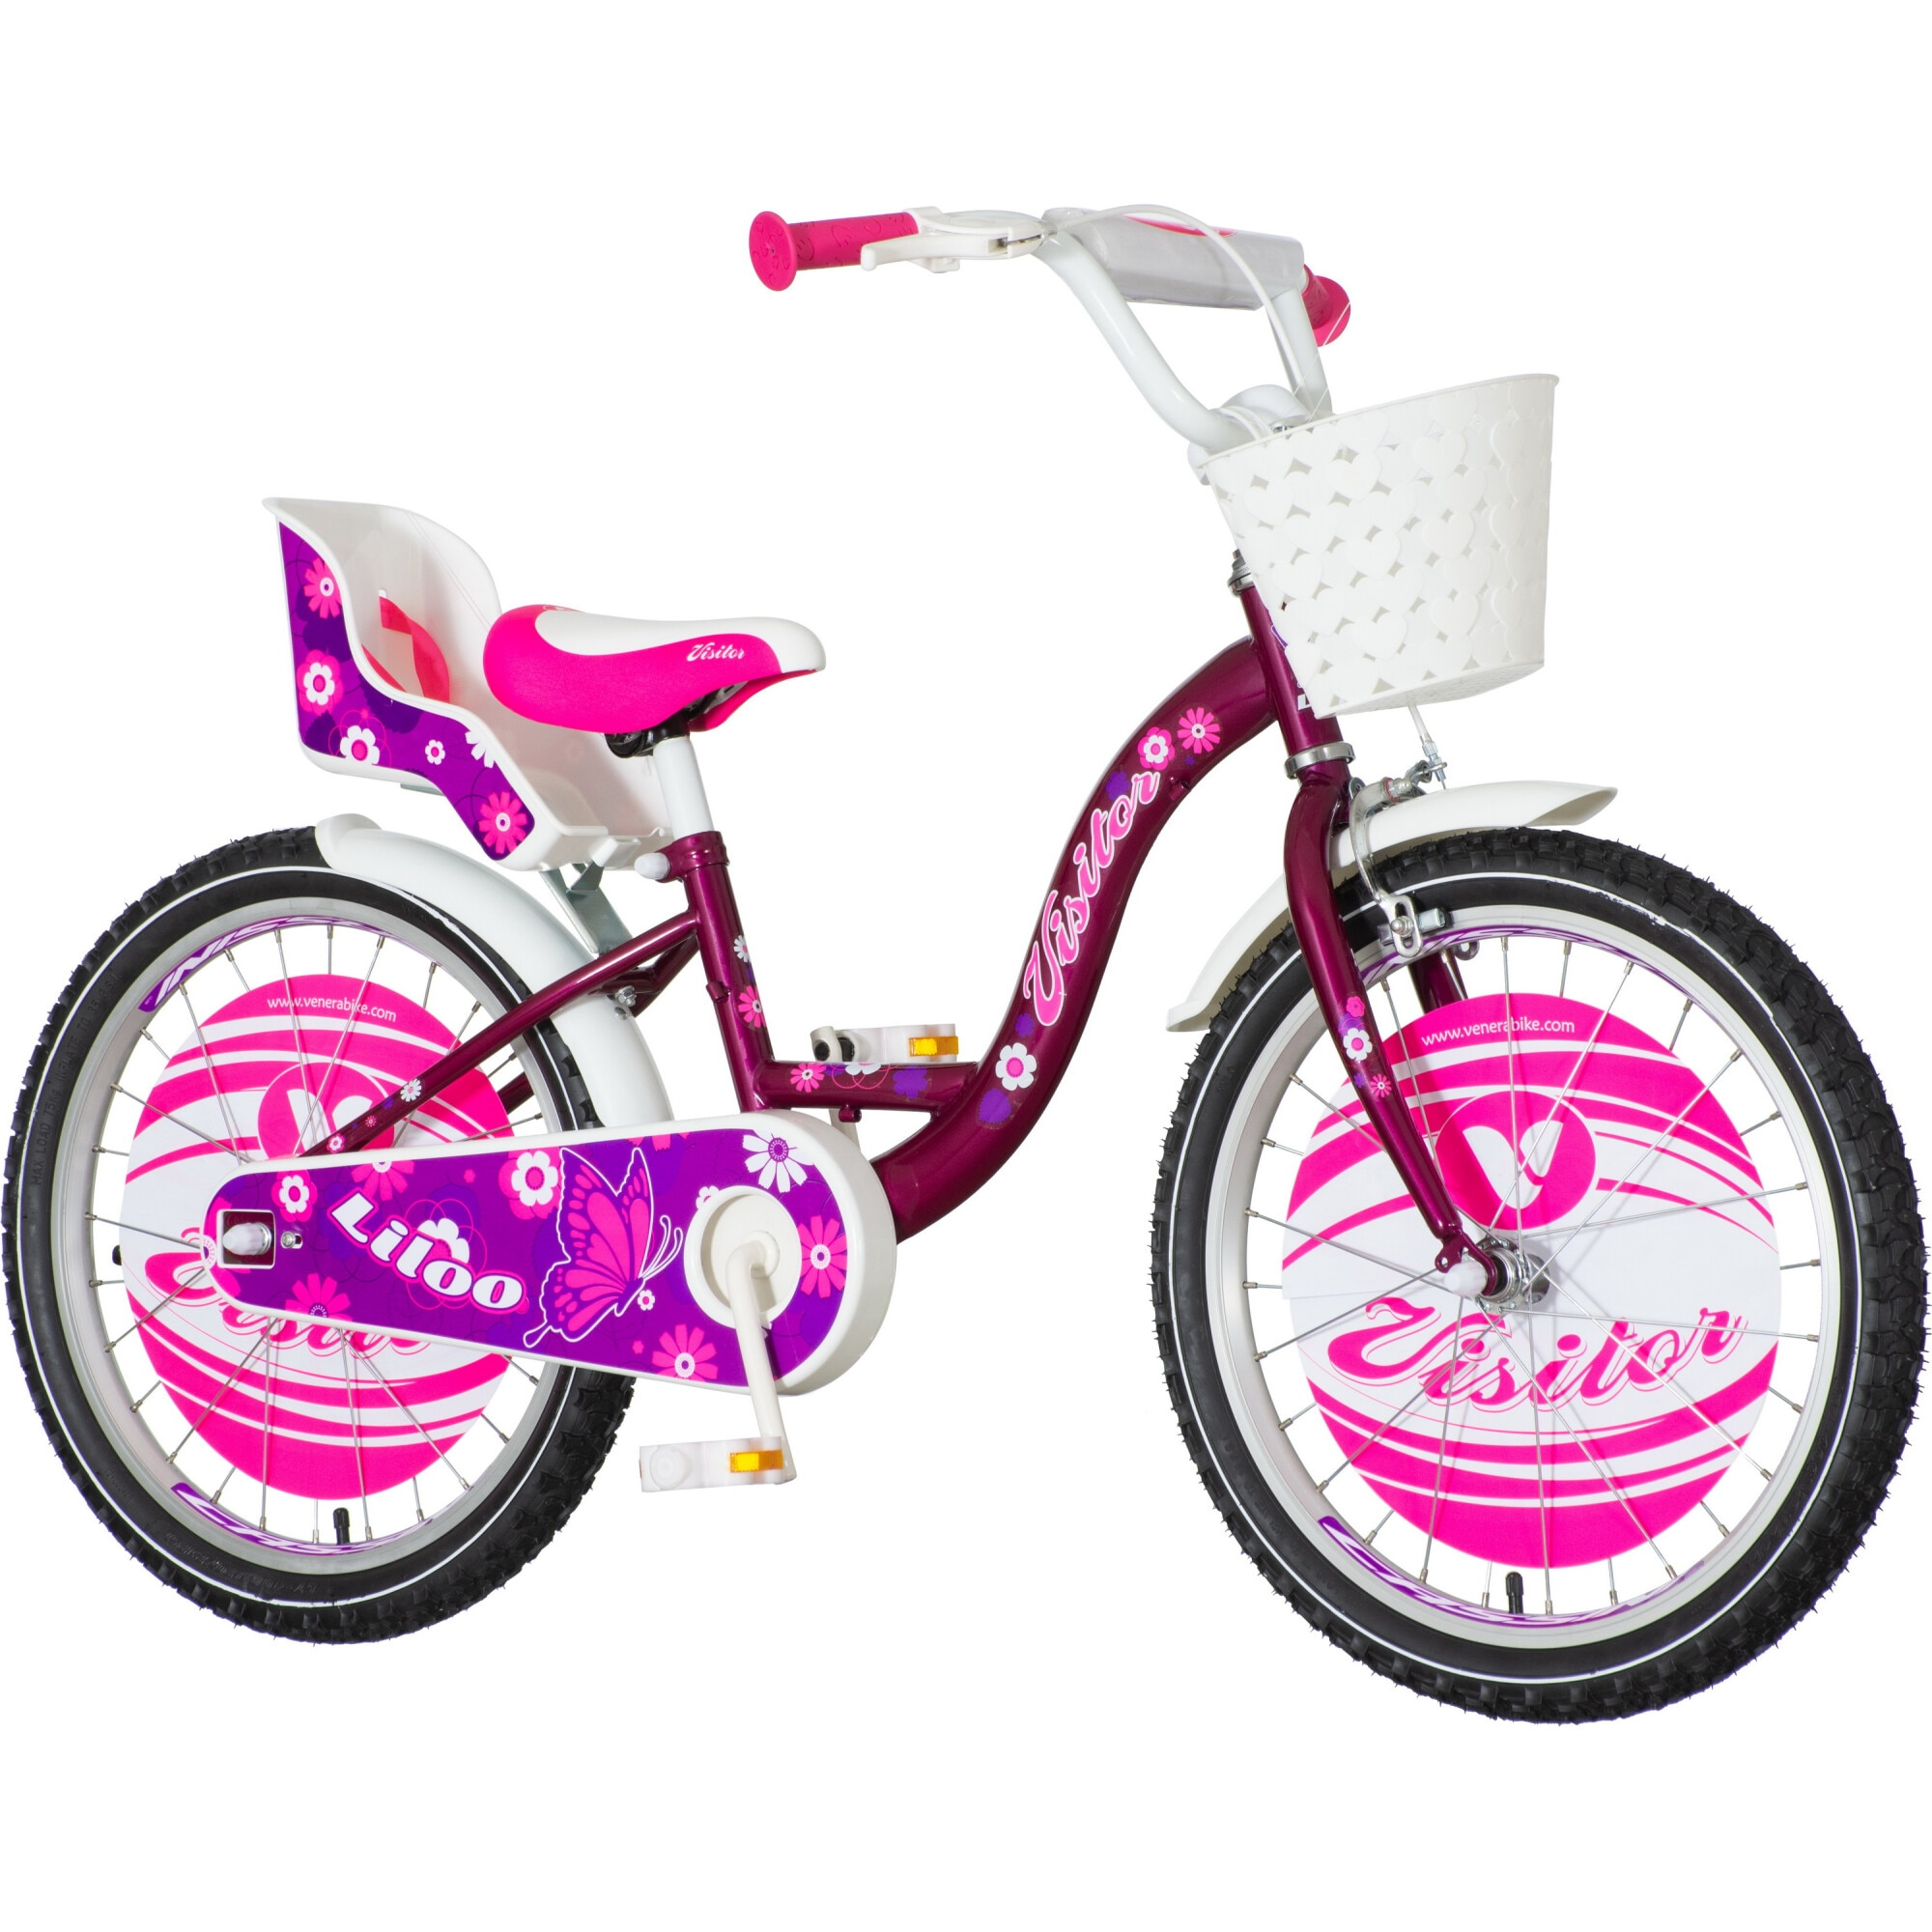 lányt keres 20 inch kerékpár)